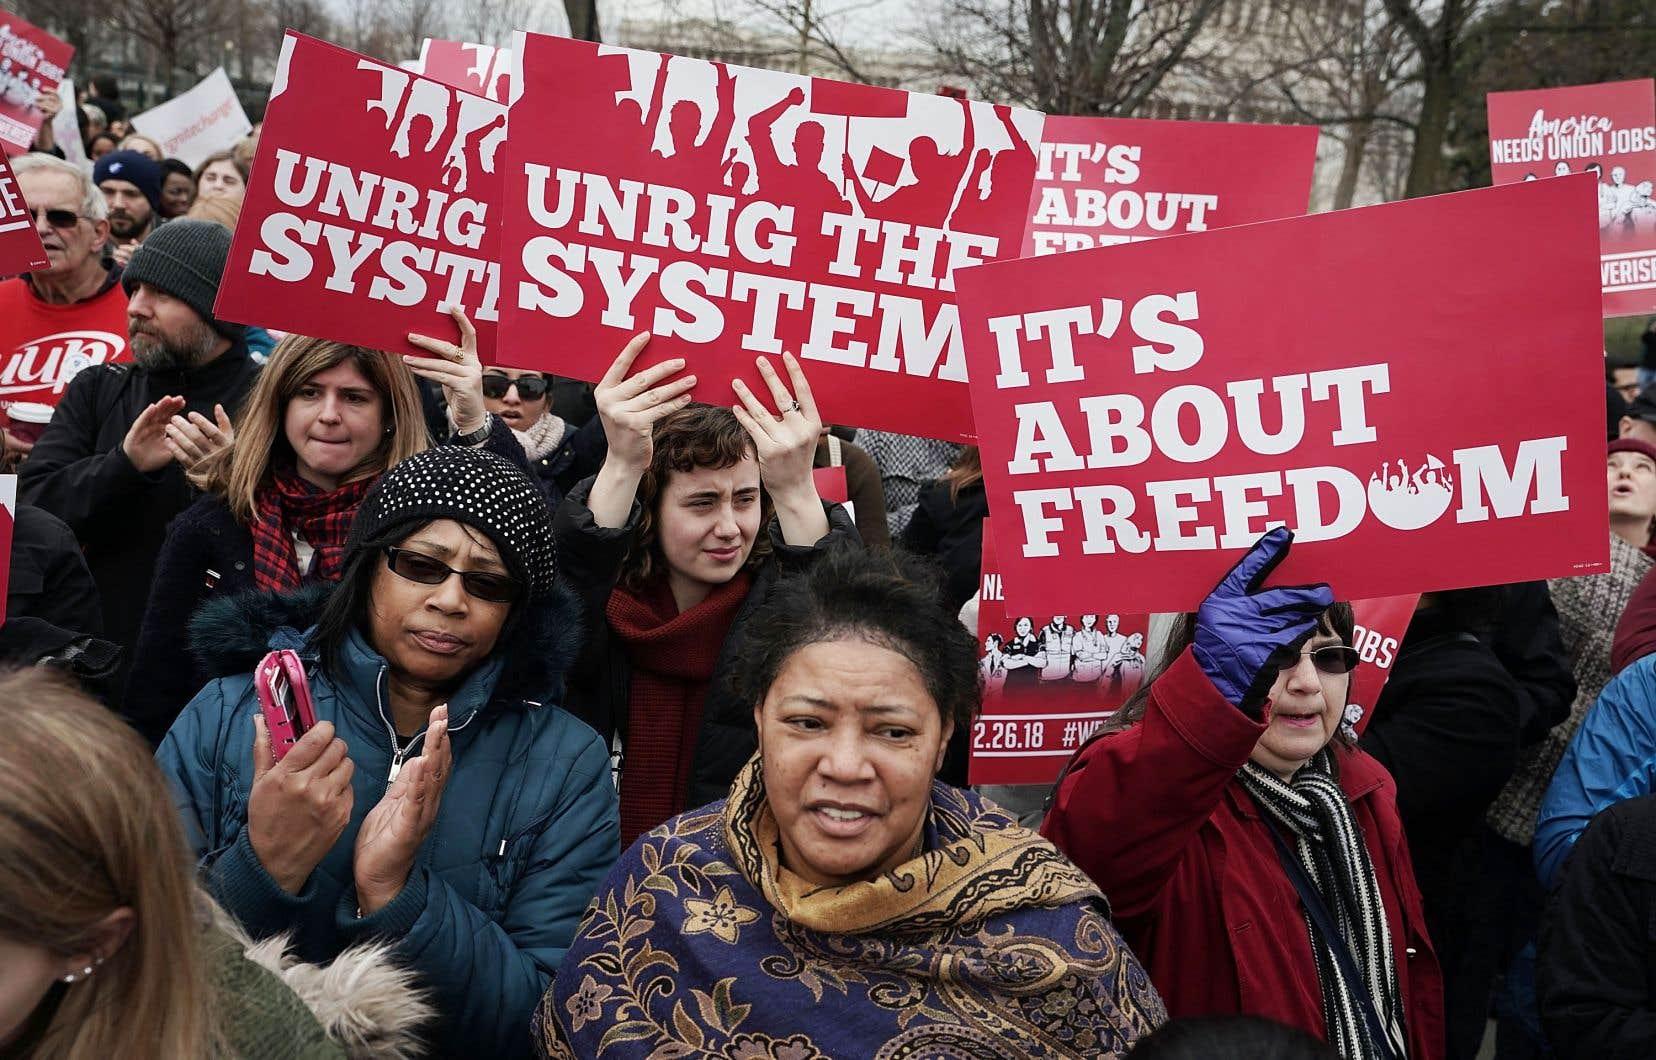 Des manifestants devant la Cour suprême des États-Unis à Washington, lundi. La cour doit entendre une cause contre les cotisations obligatoires dans le secteur public.